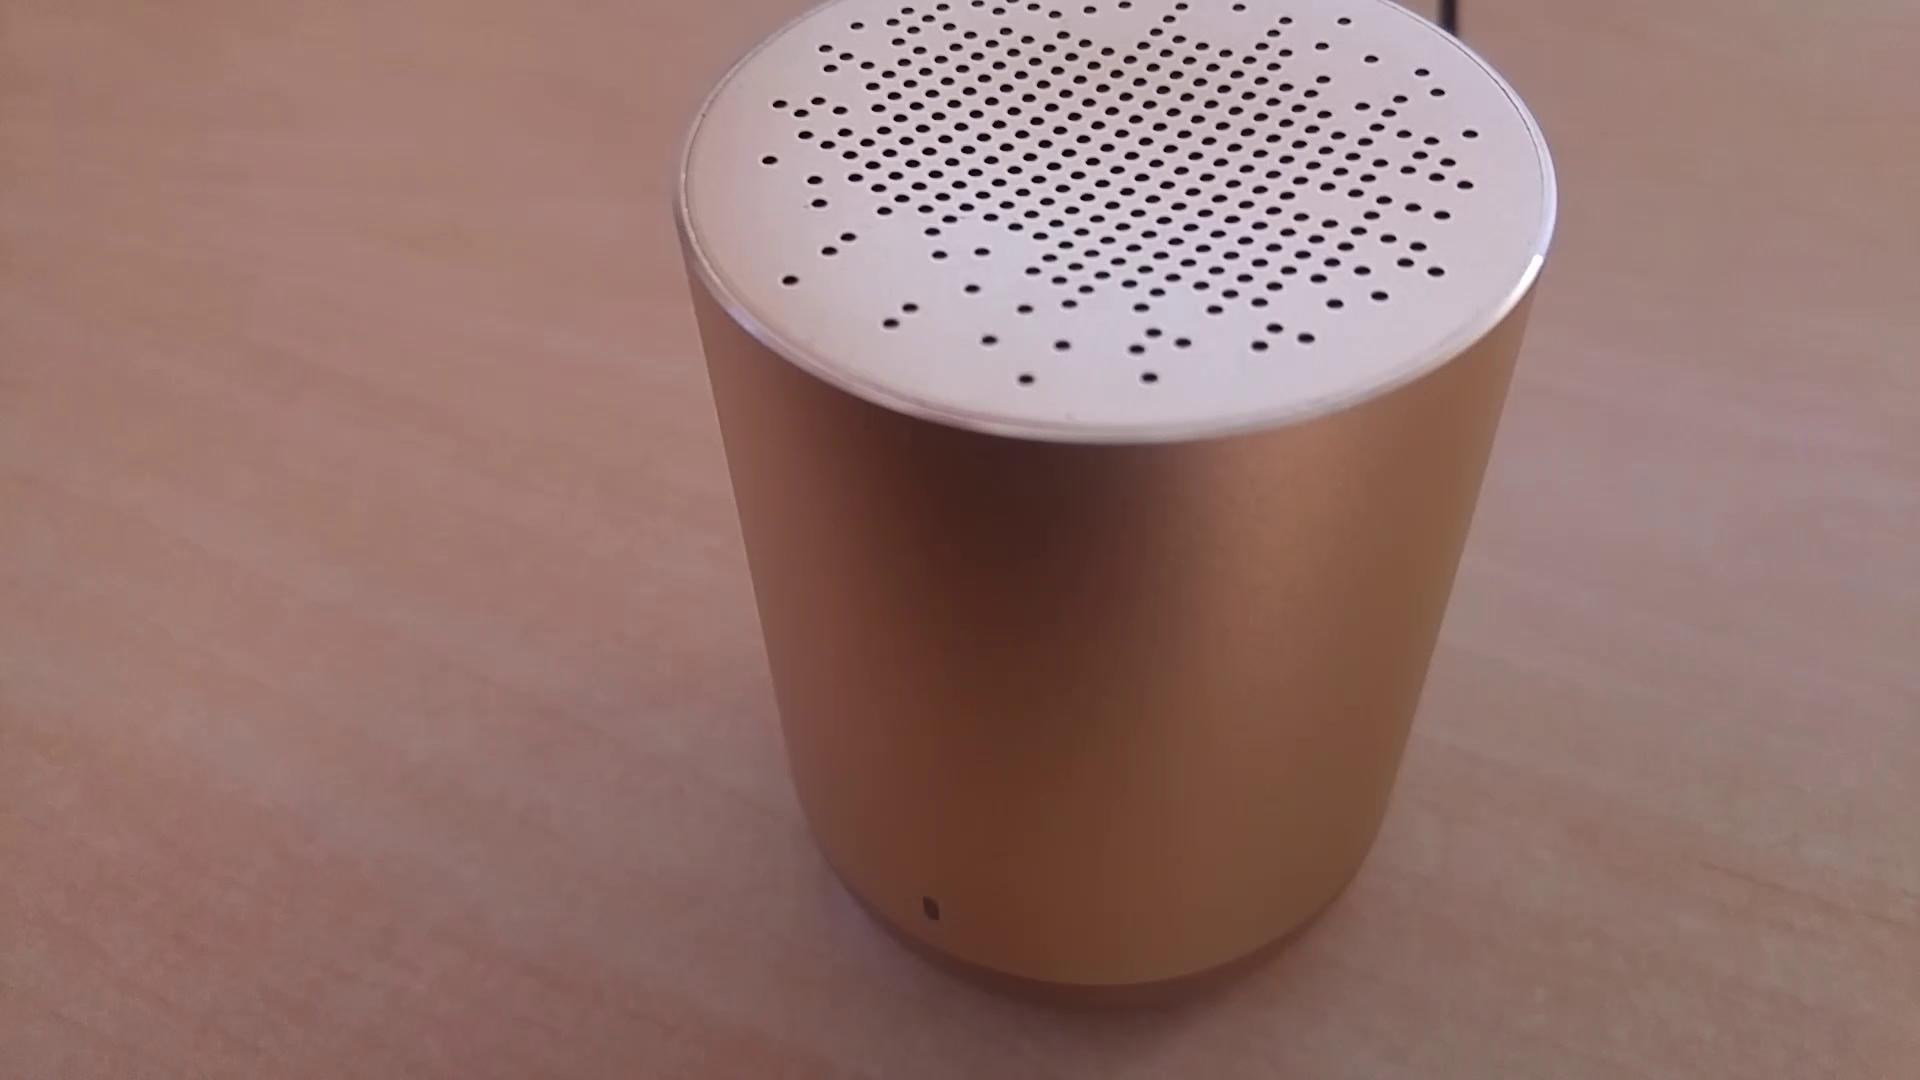 Sharon Mini Altavoz Bluetooth DJ Roxxx Nano Reproductor de MP3 Inalámbrico Portátil Llamadas de Altavoz Lector de Tarjeta SD con Micrófono Incorporado | 4h ...